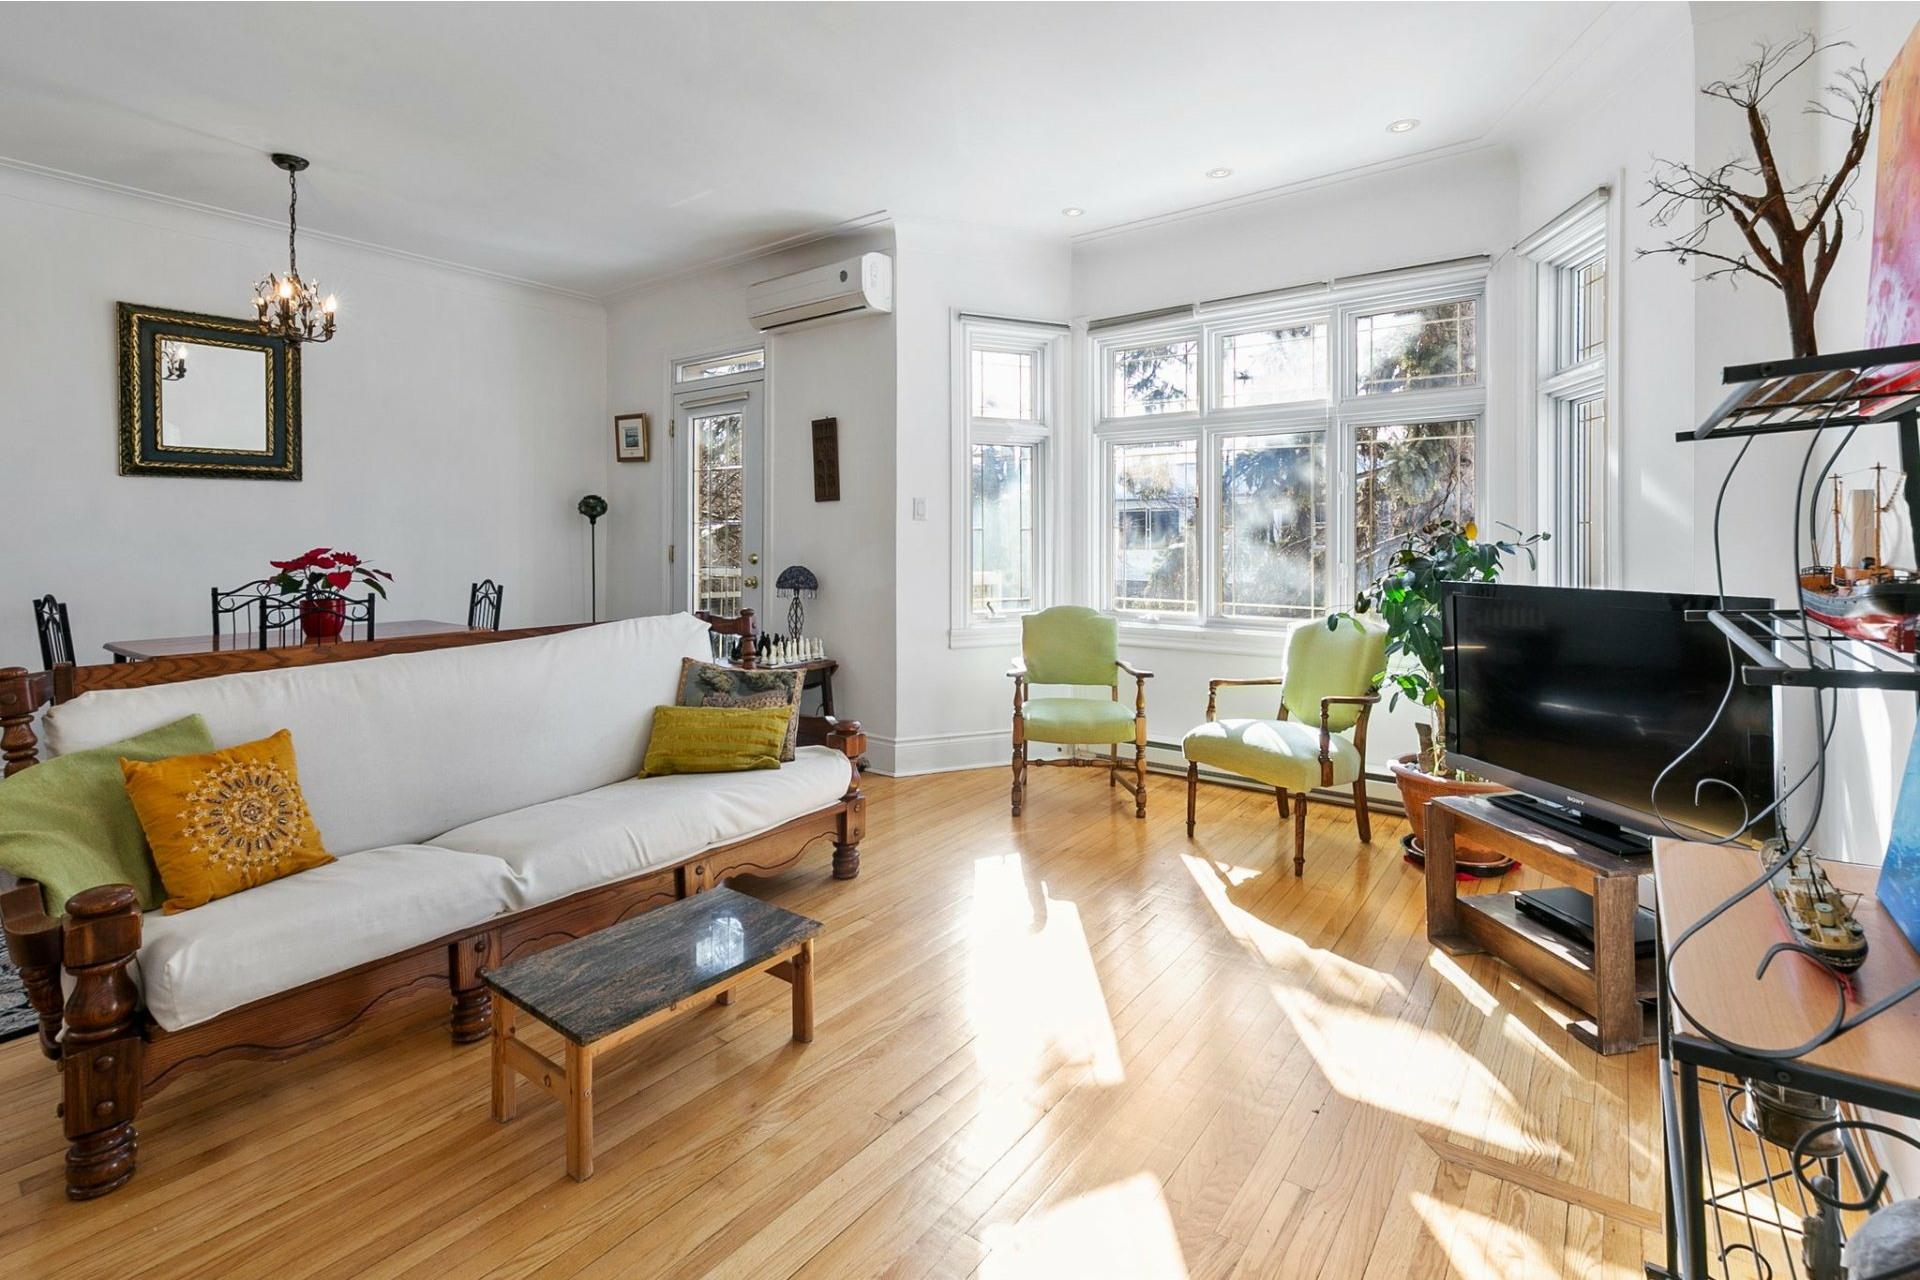 image 1 - Appartement À vendre Côte-des-Neiges/Notre-Dame-de-Grâce Montréal  - 10 pièces